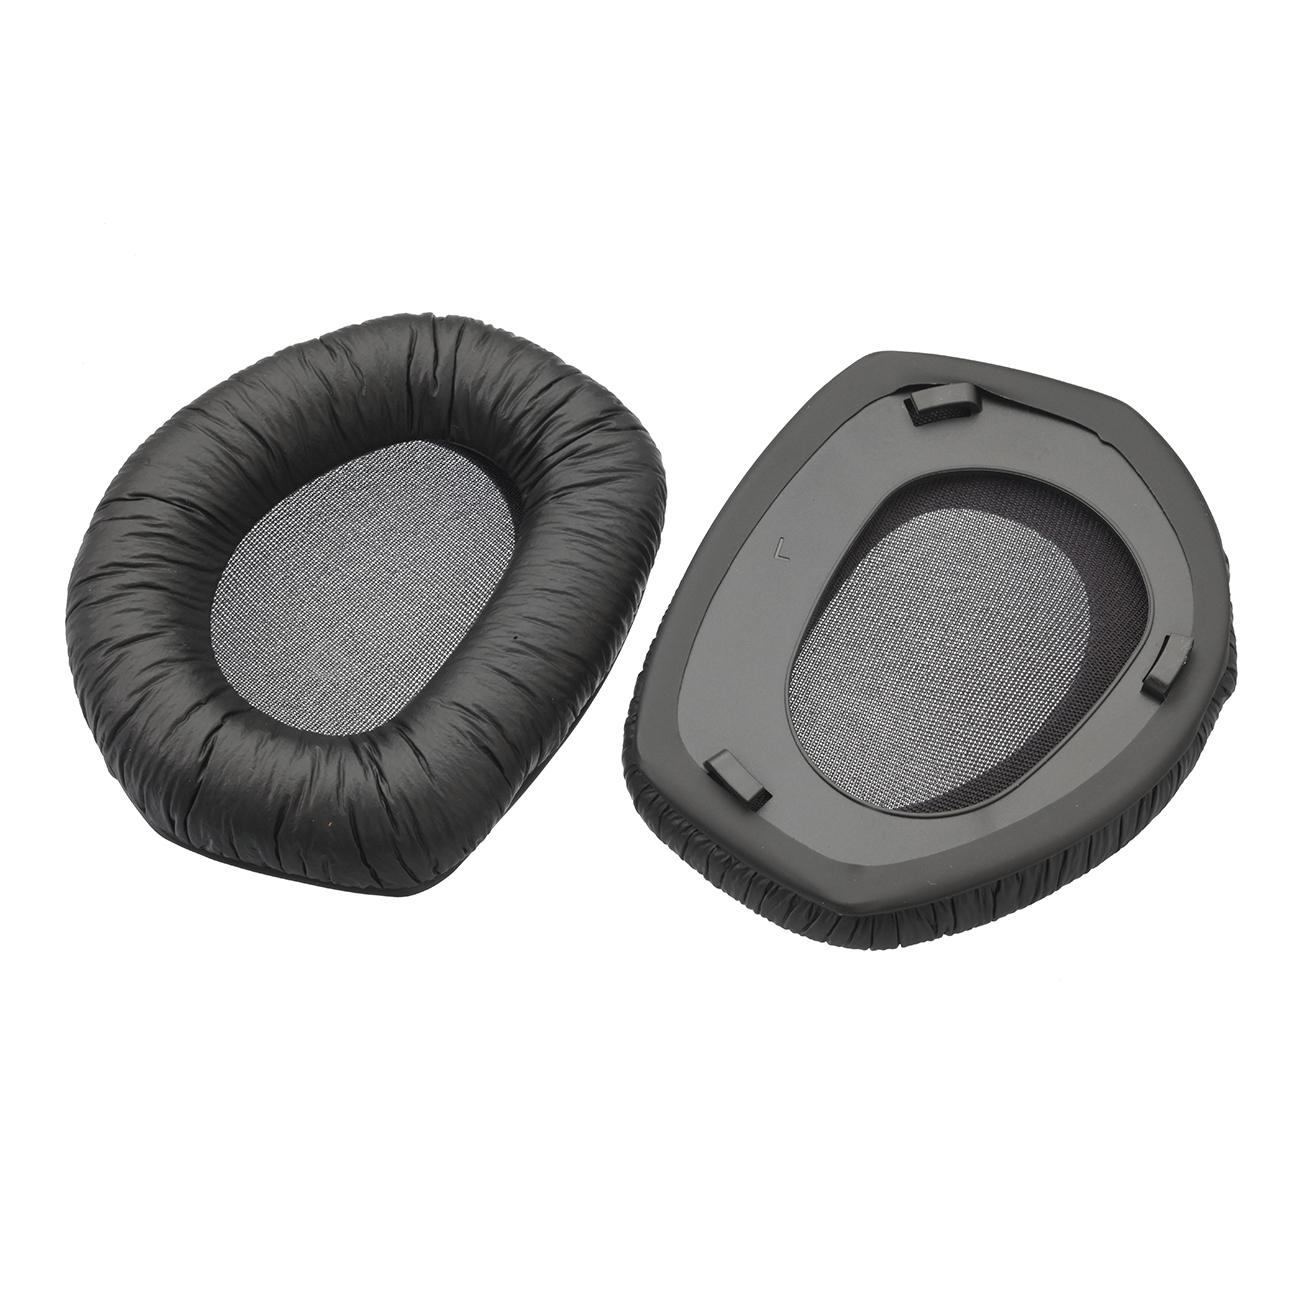 Earpad (1 pair)